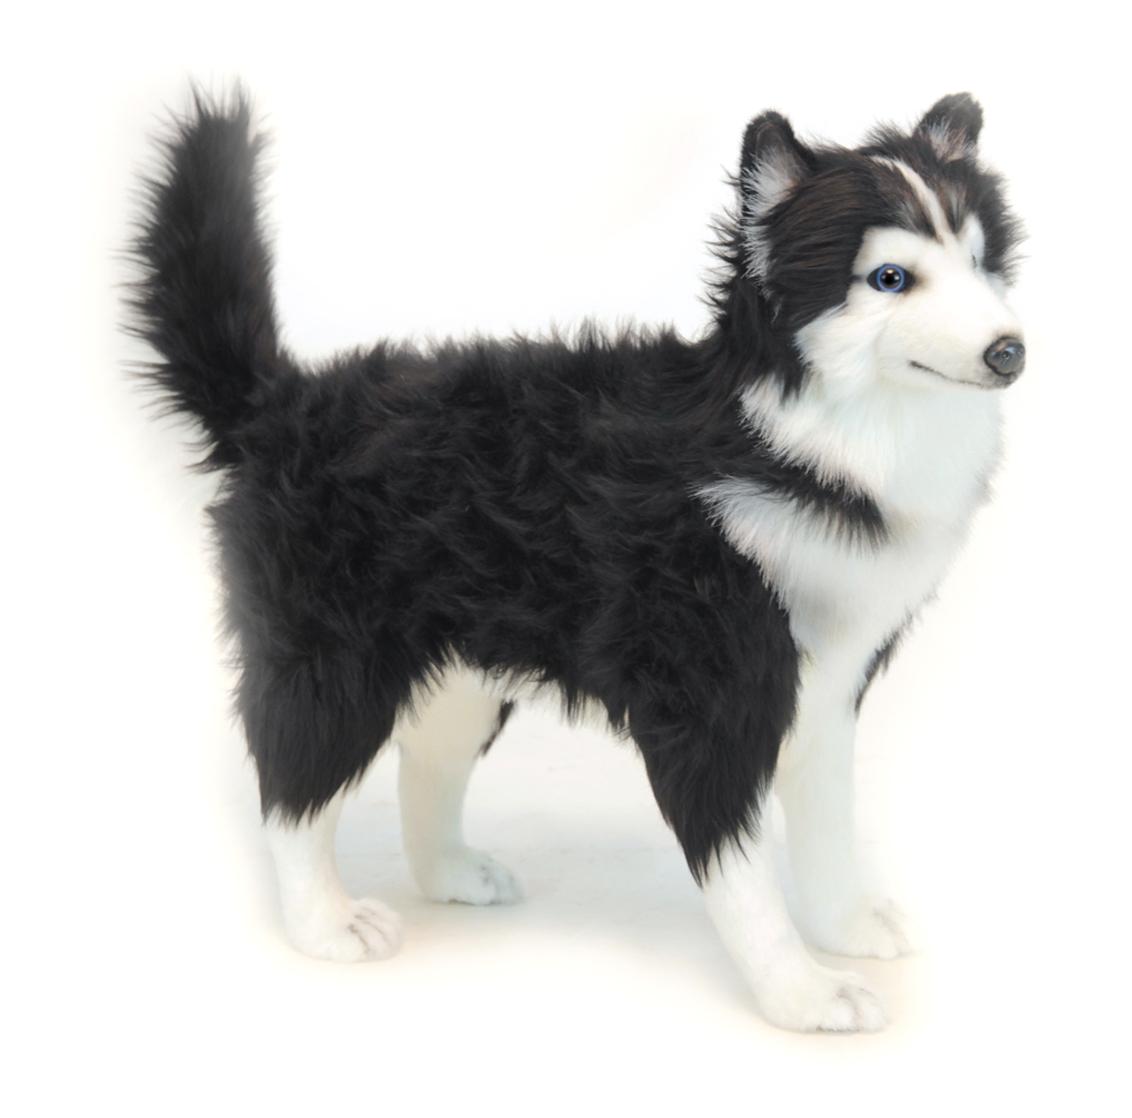 Хаски черно-белая, 56 смБольшие игрушки (от 50 см)<br>Хаски черно-белая, 56 см<br>